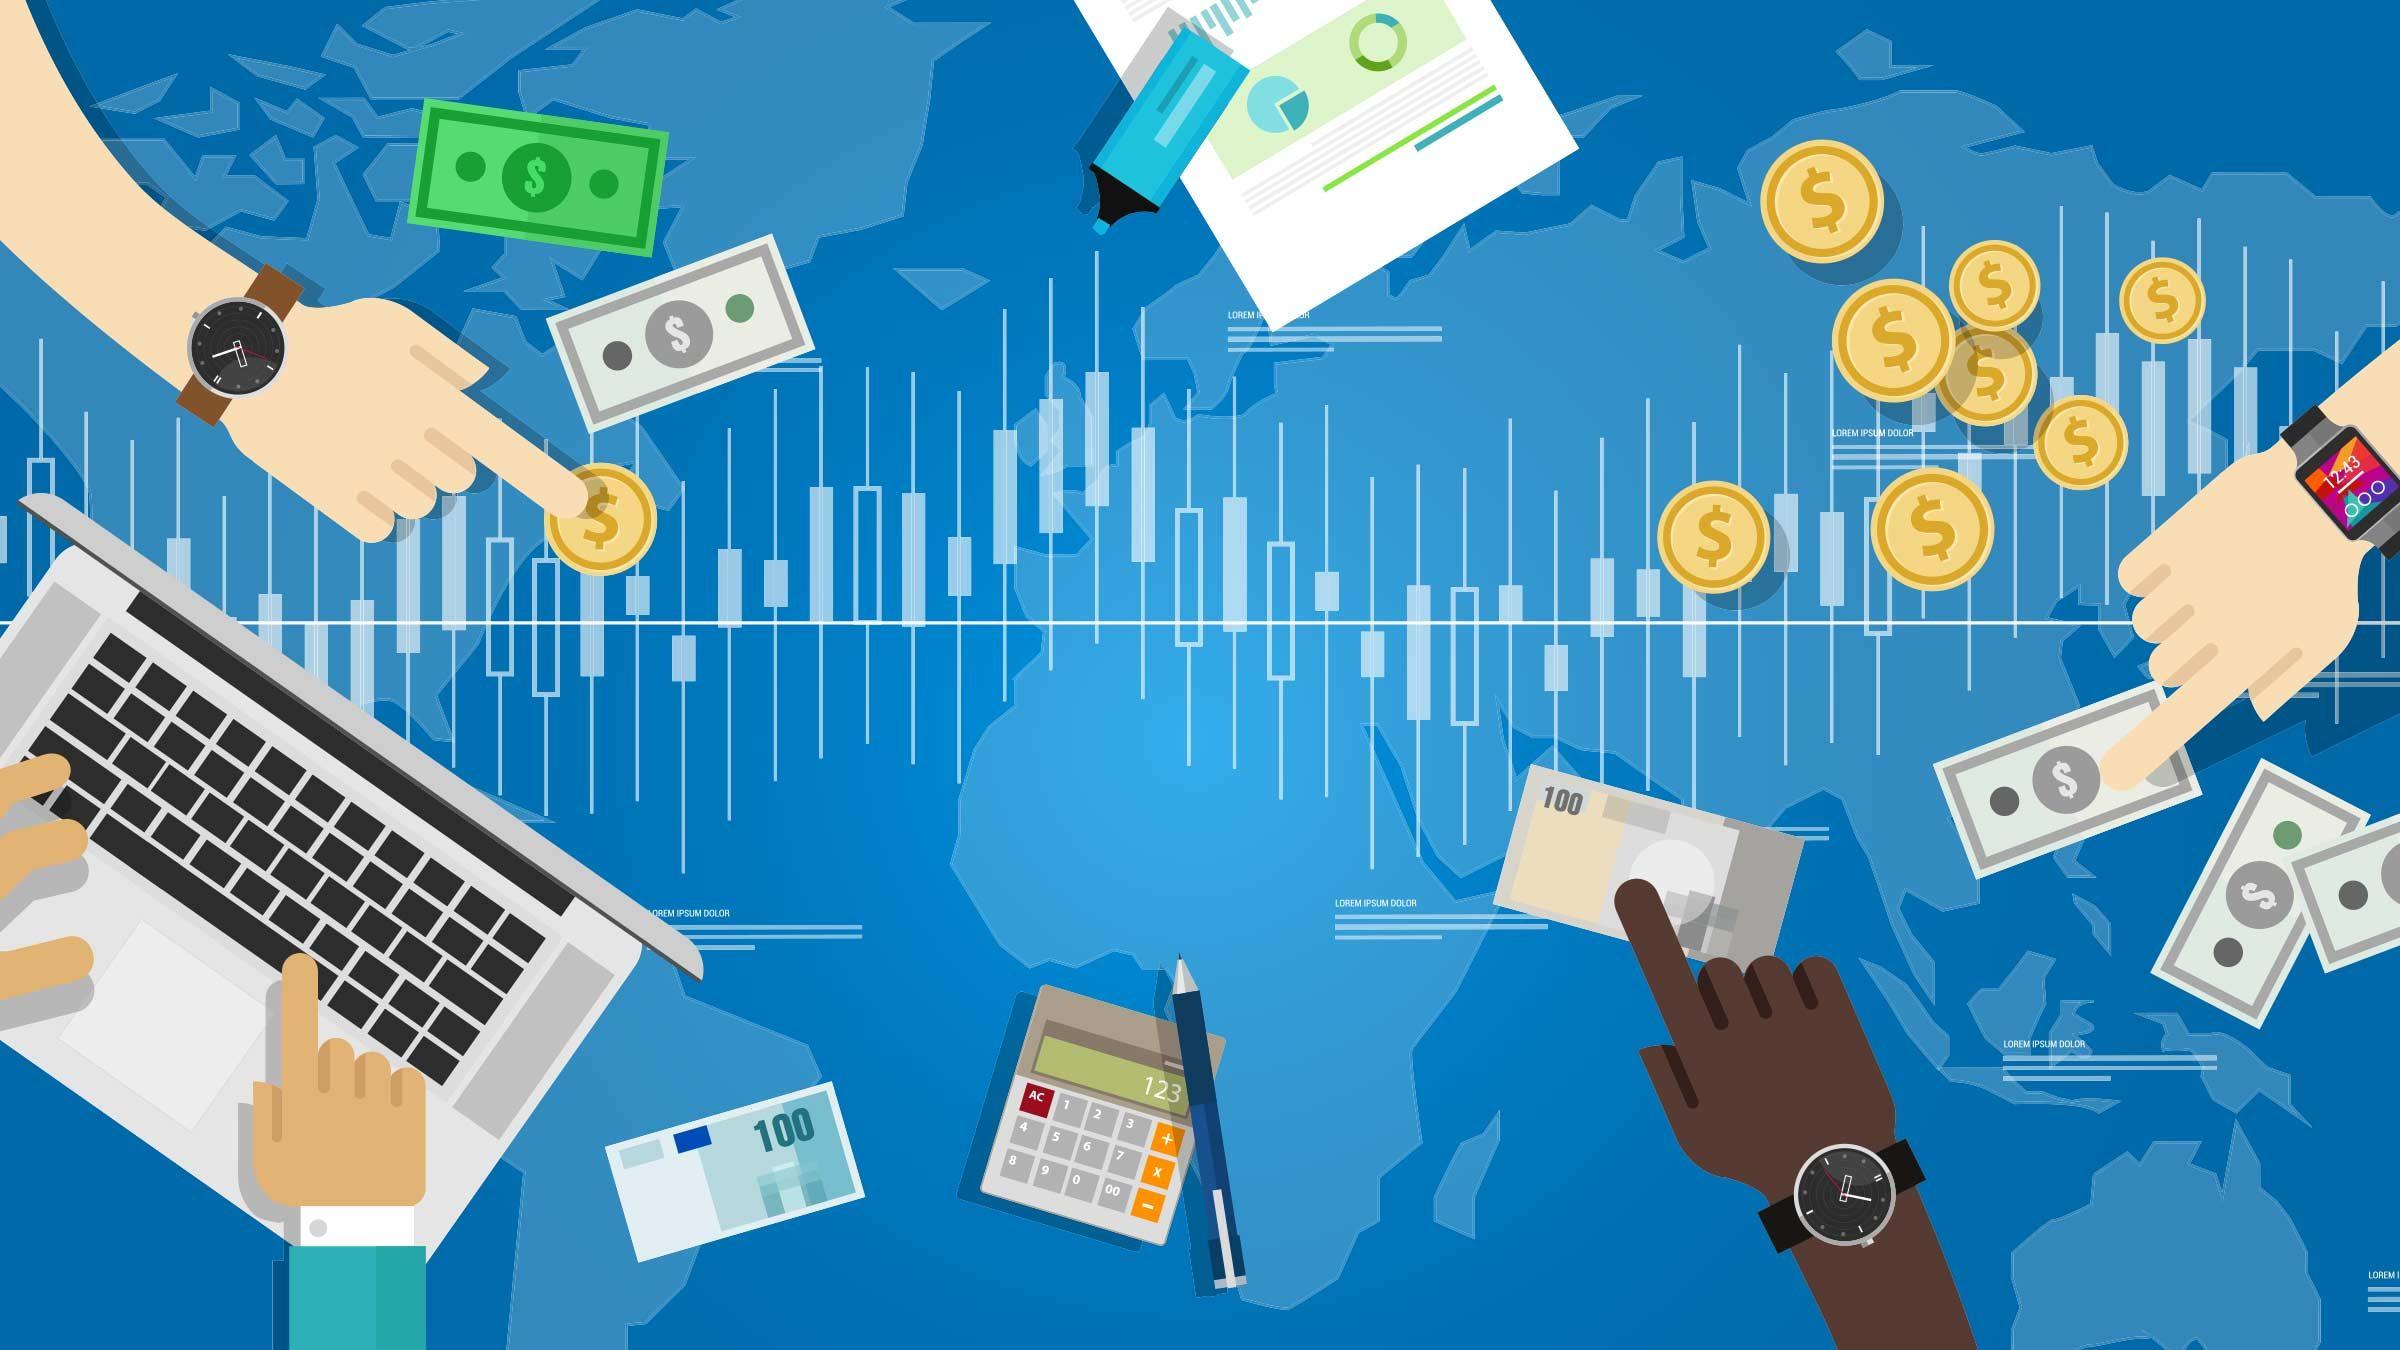 Πώς να γίνεις ανταγωνιστικός σε μια ψηφιακή παγκοσμιοποιημένη οικονομία